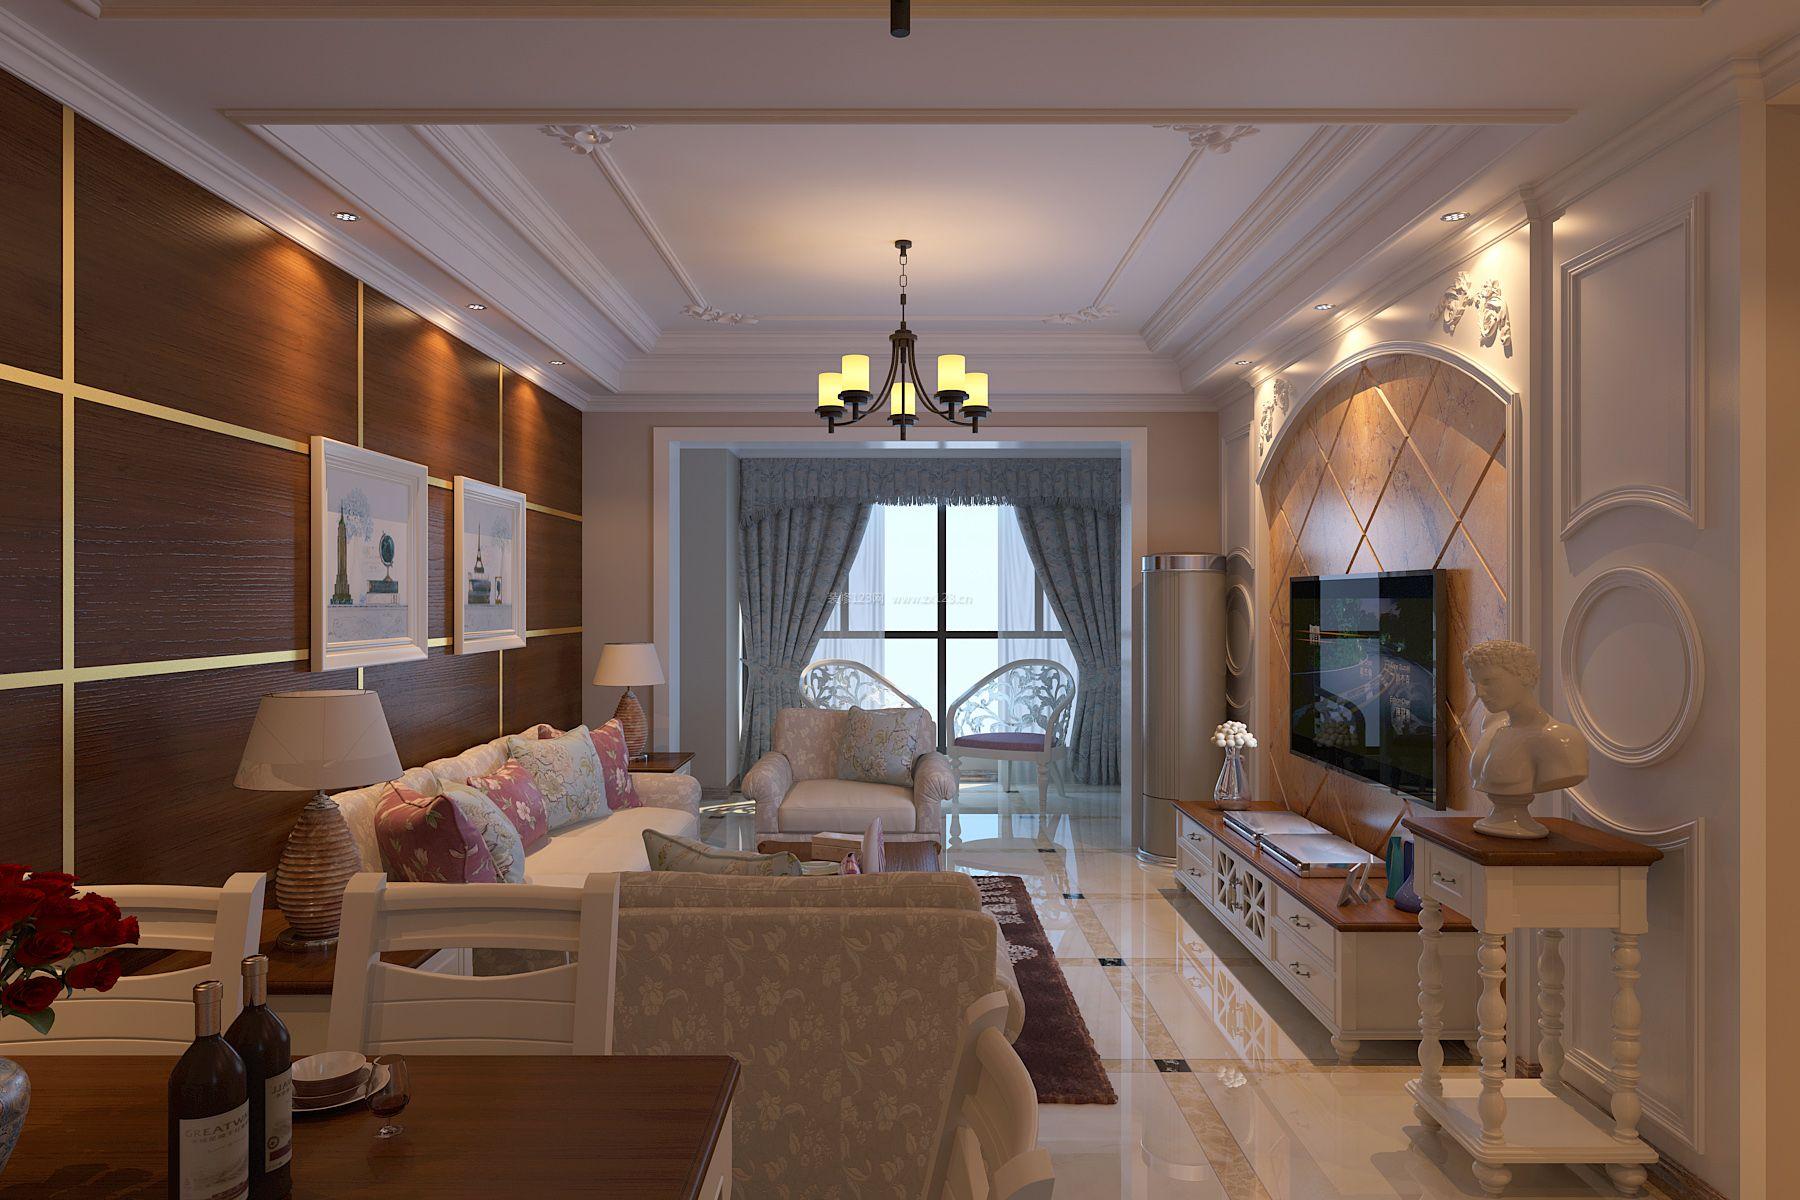 简欧风格小户型客厅整体装修效果图片图片